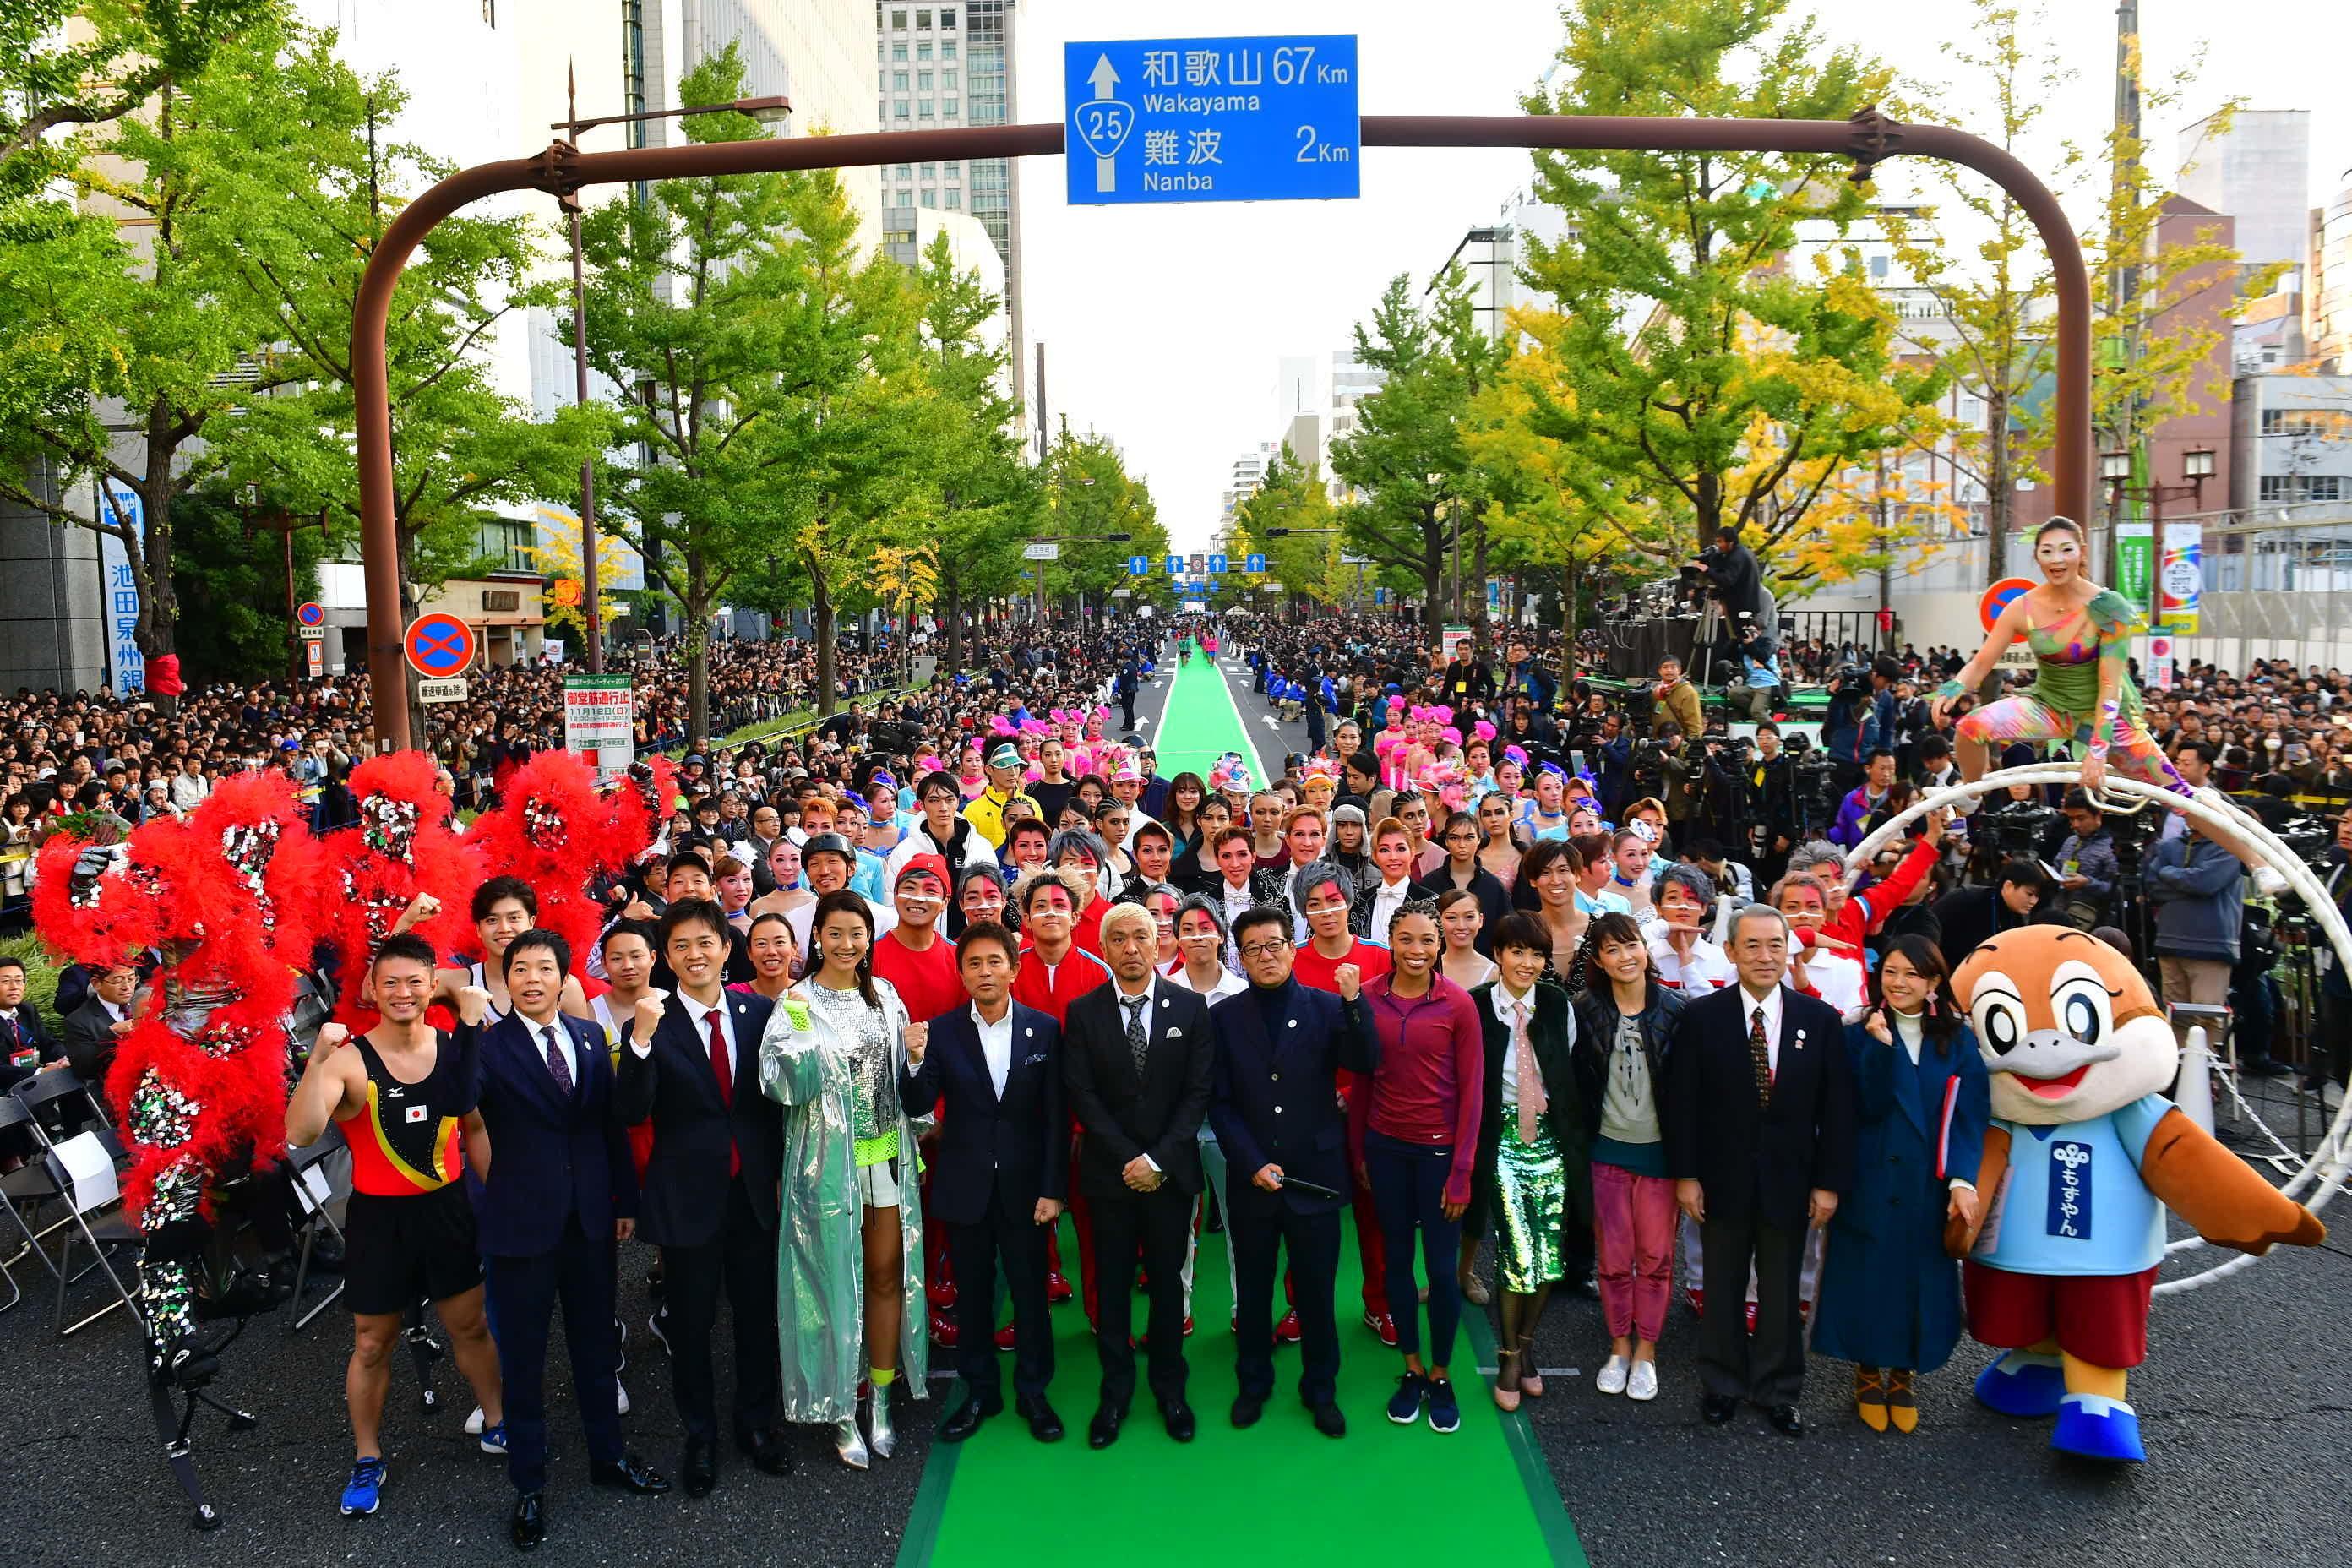 http://news.yoshimoto.co.jp/20171112221732-54199d8582ada406b4b02a1e169c77ad3052d9cc.jpg